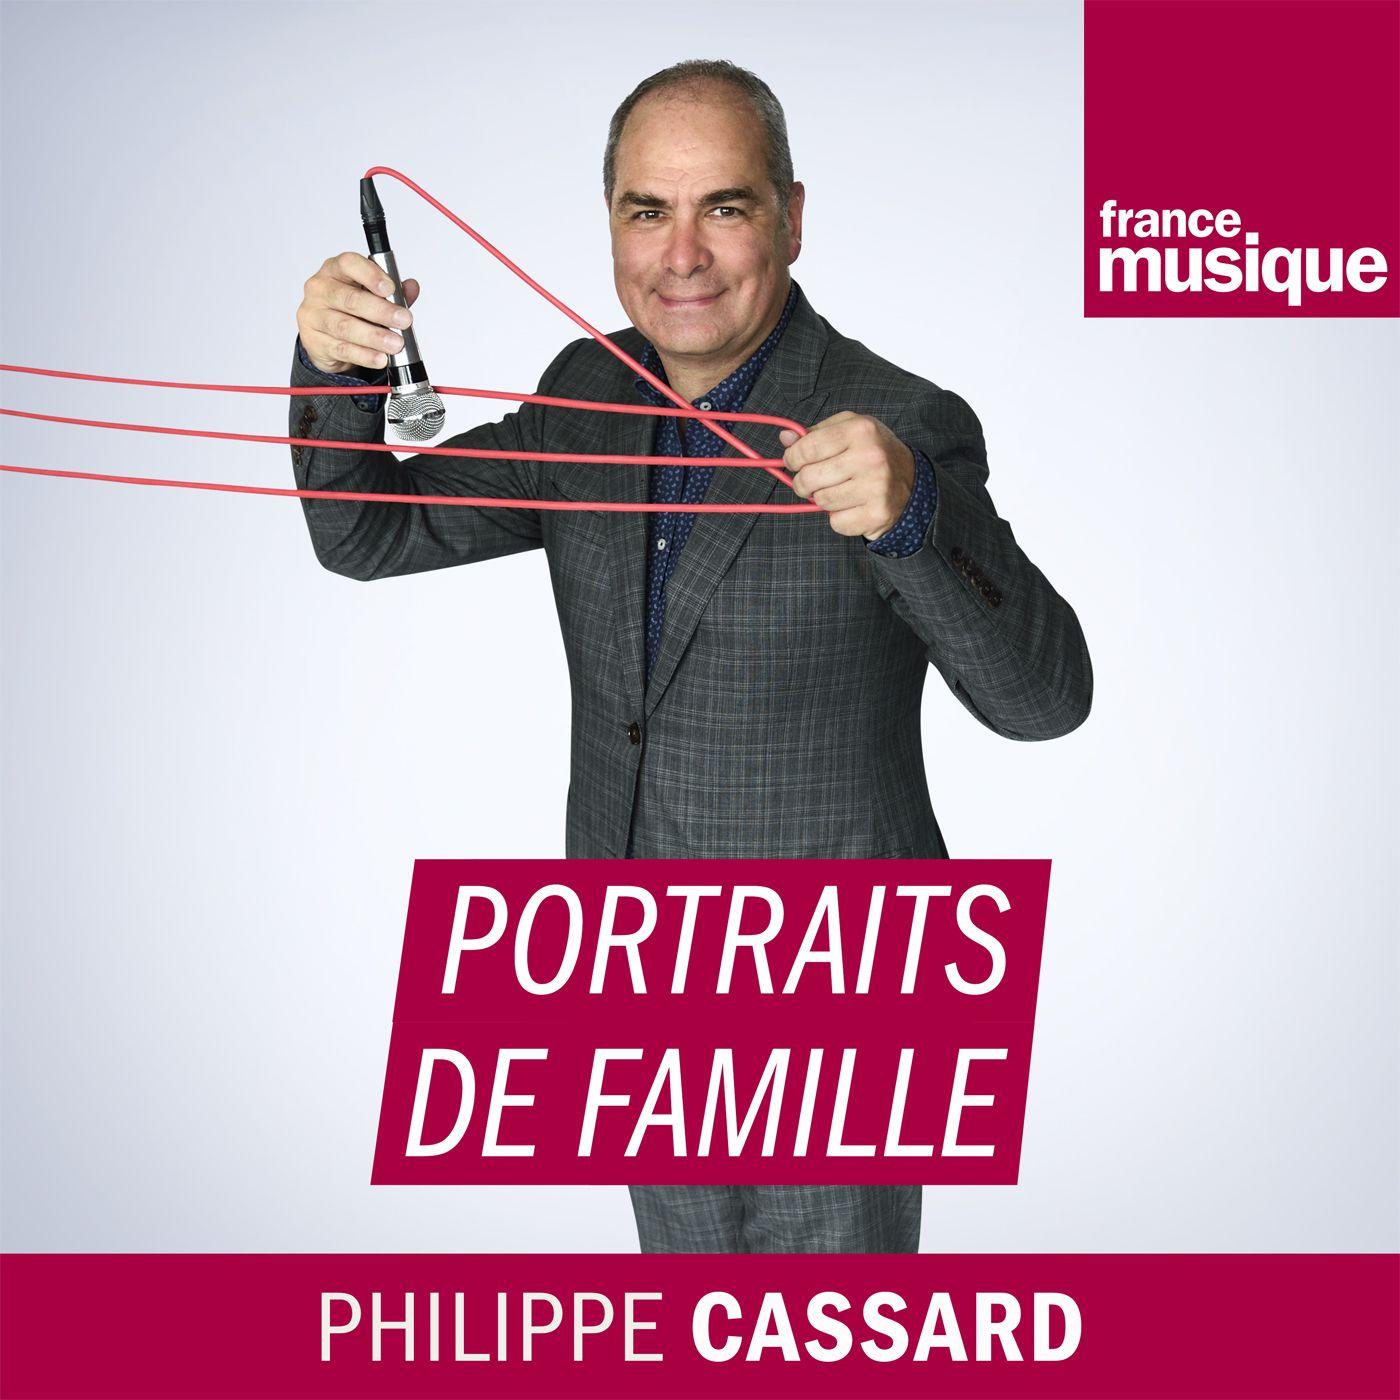 Image 1: Portraits de famille